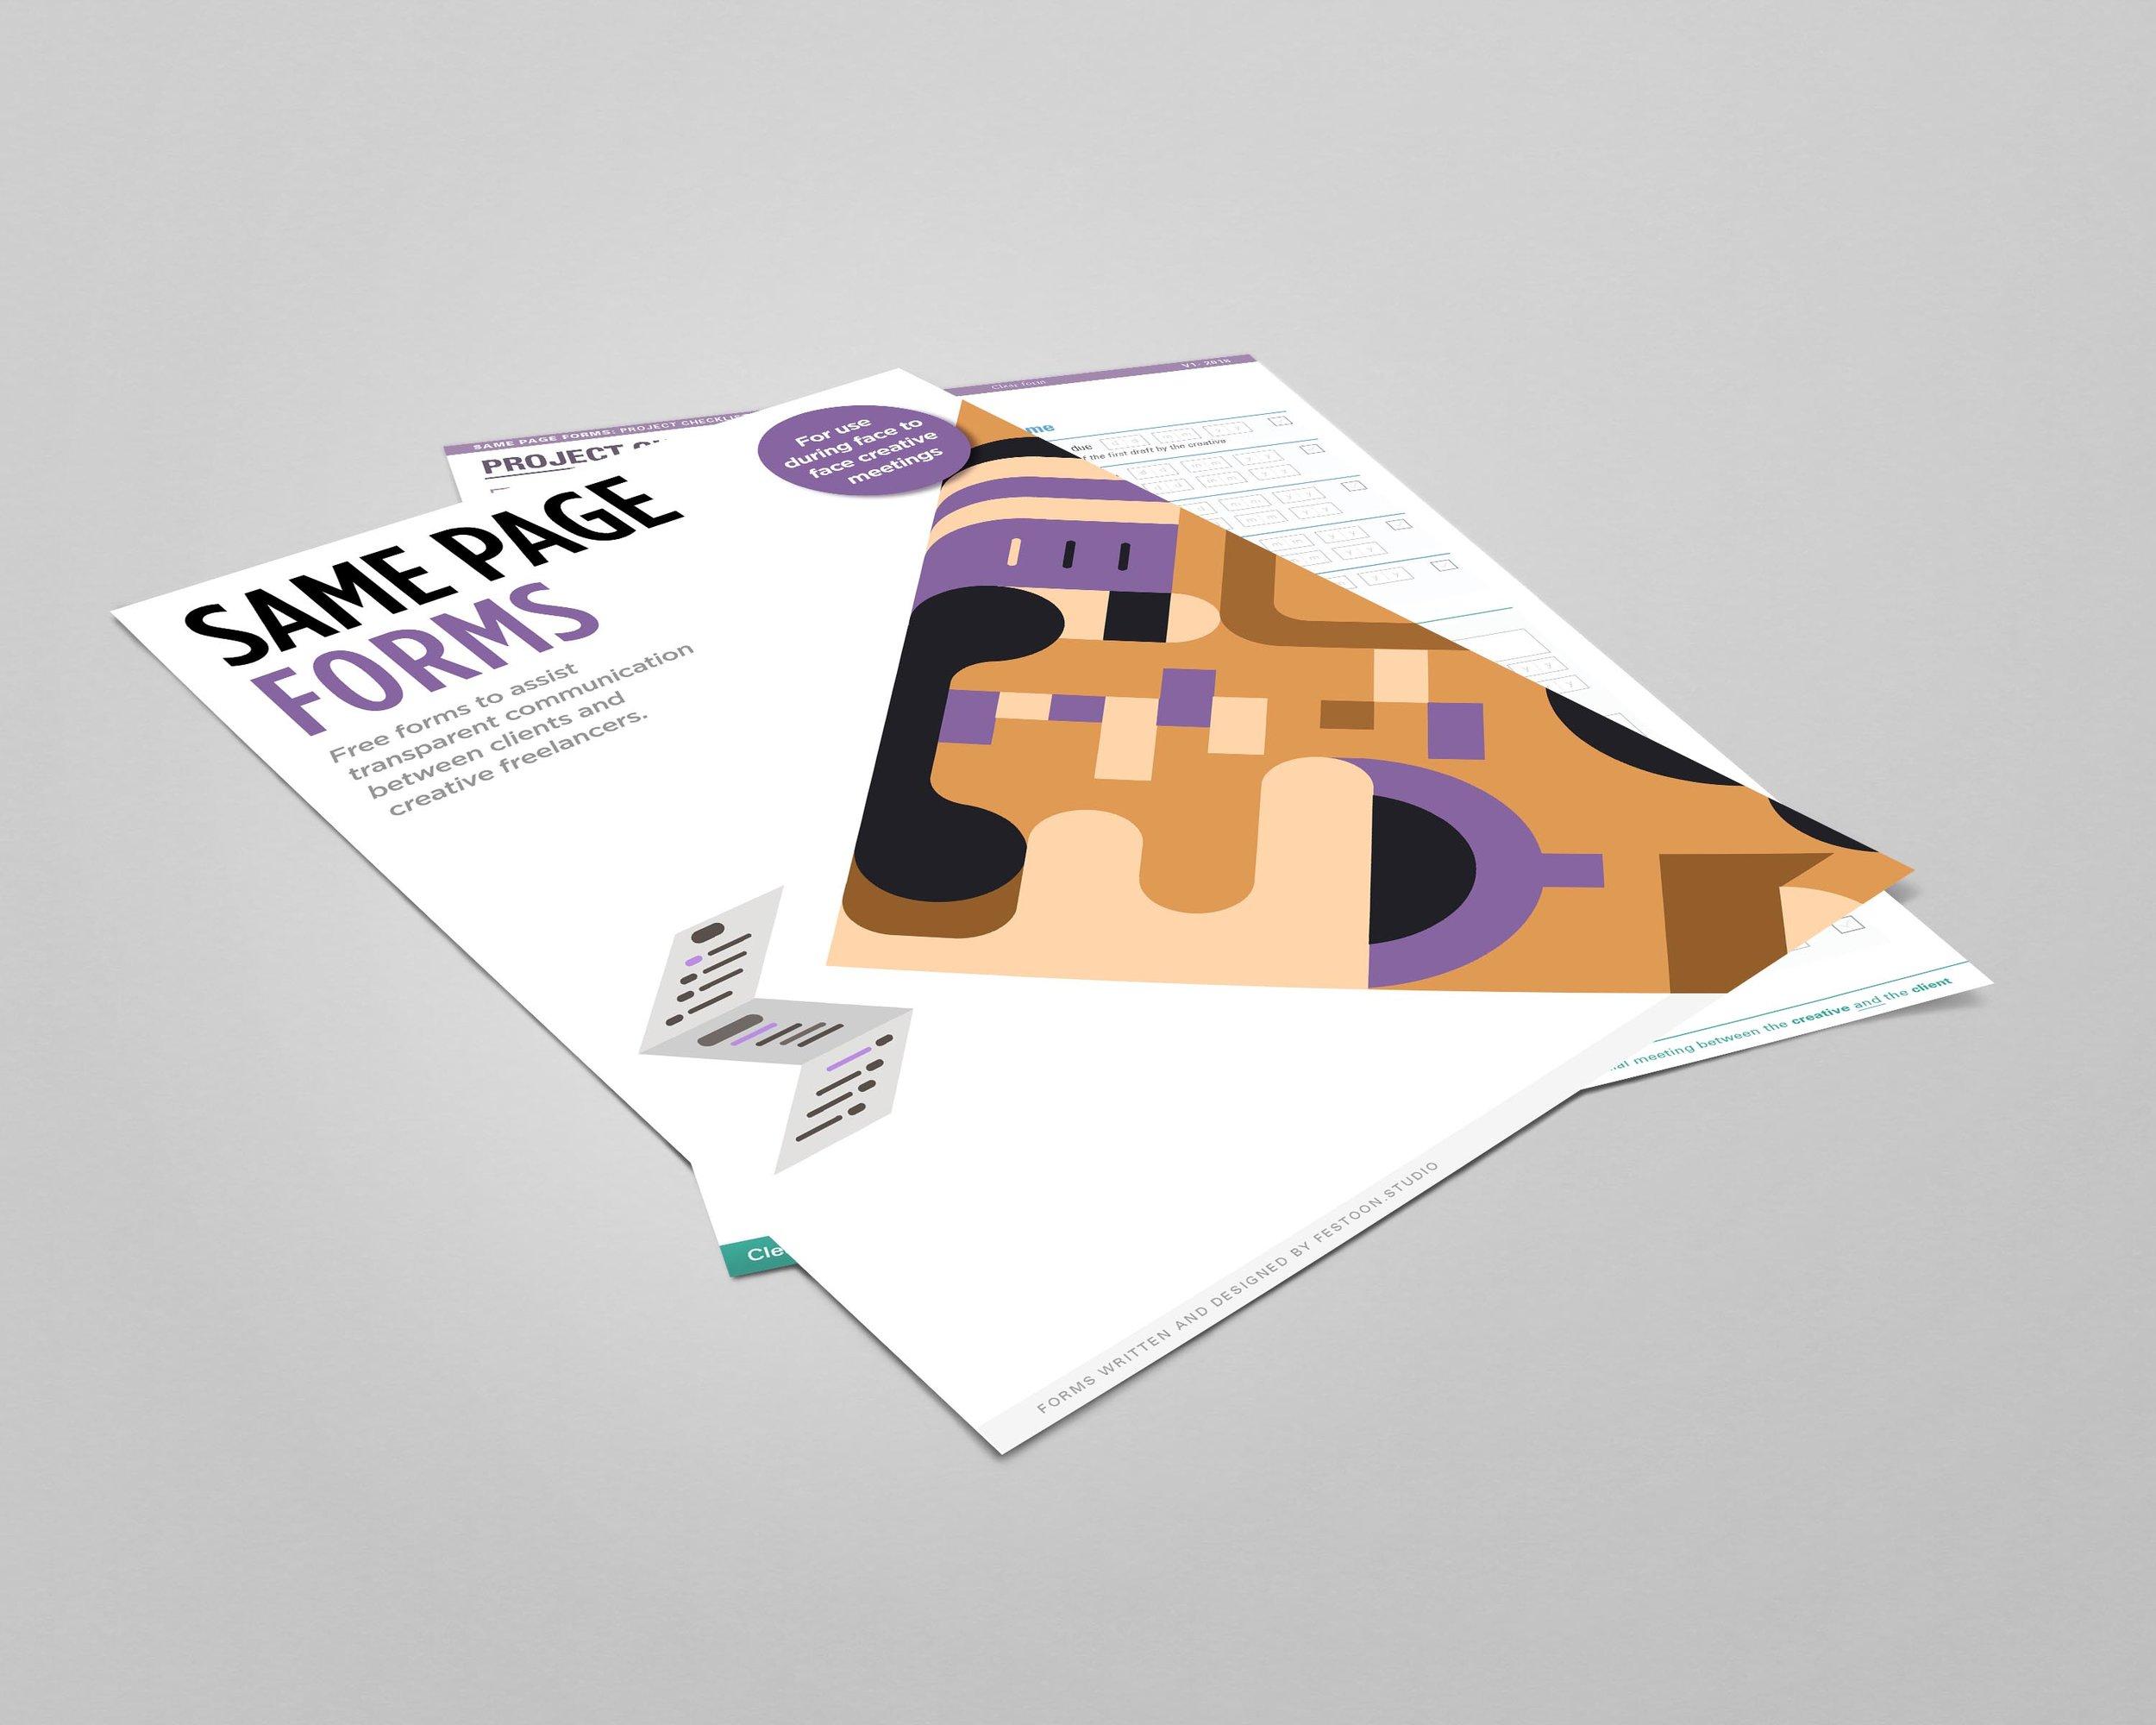 -2same-page-forms-mockup.jpg